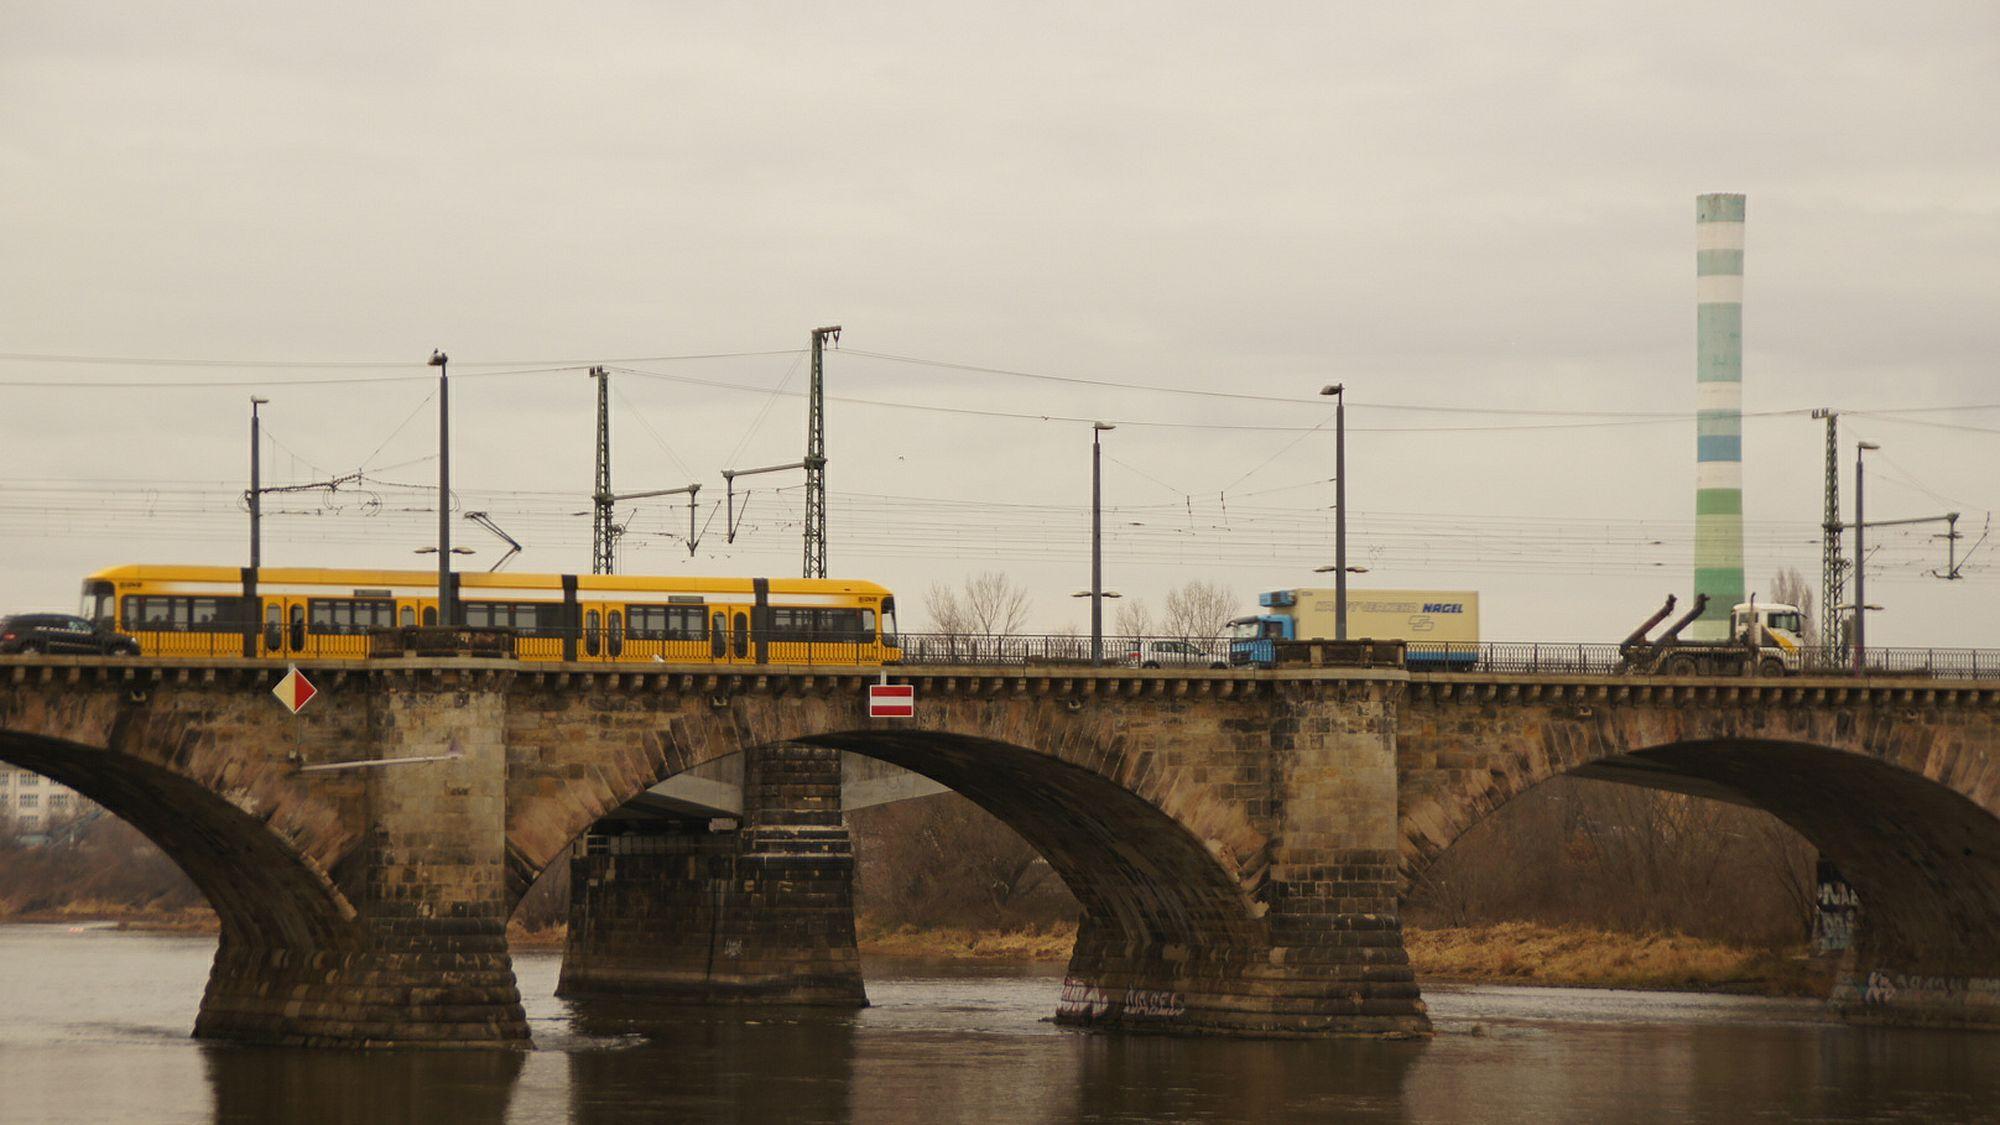 Täglich queren etwa 500 Züge die Marienbrücke